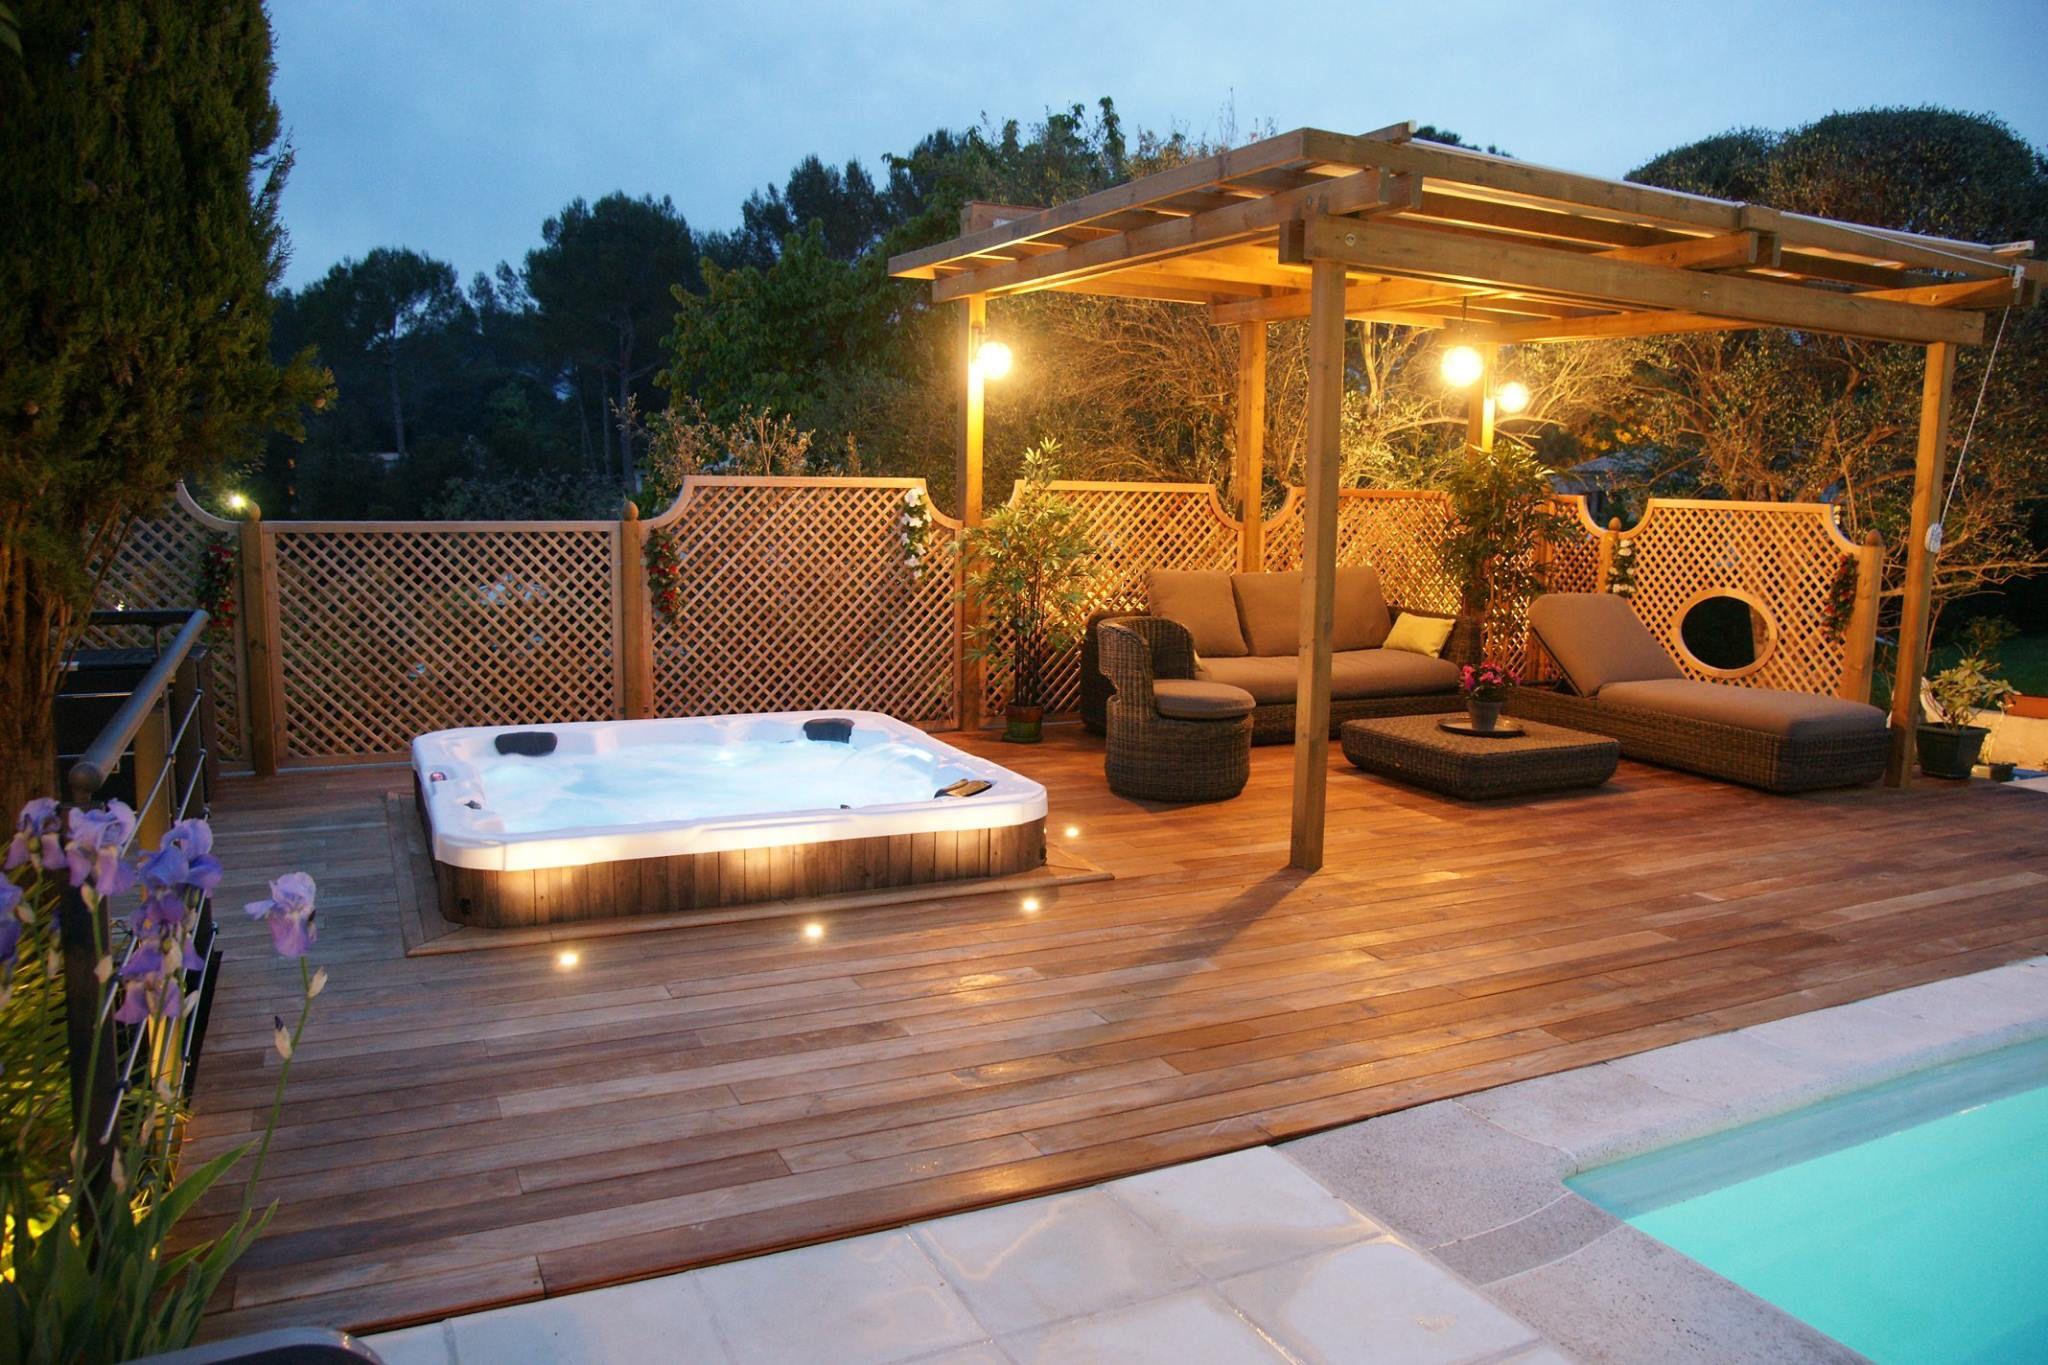 Sunken hot tub on lower deck level? | Sunken hot tub, Hot ...